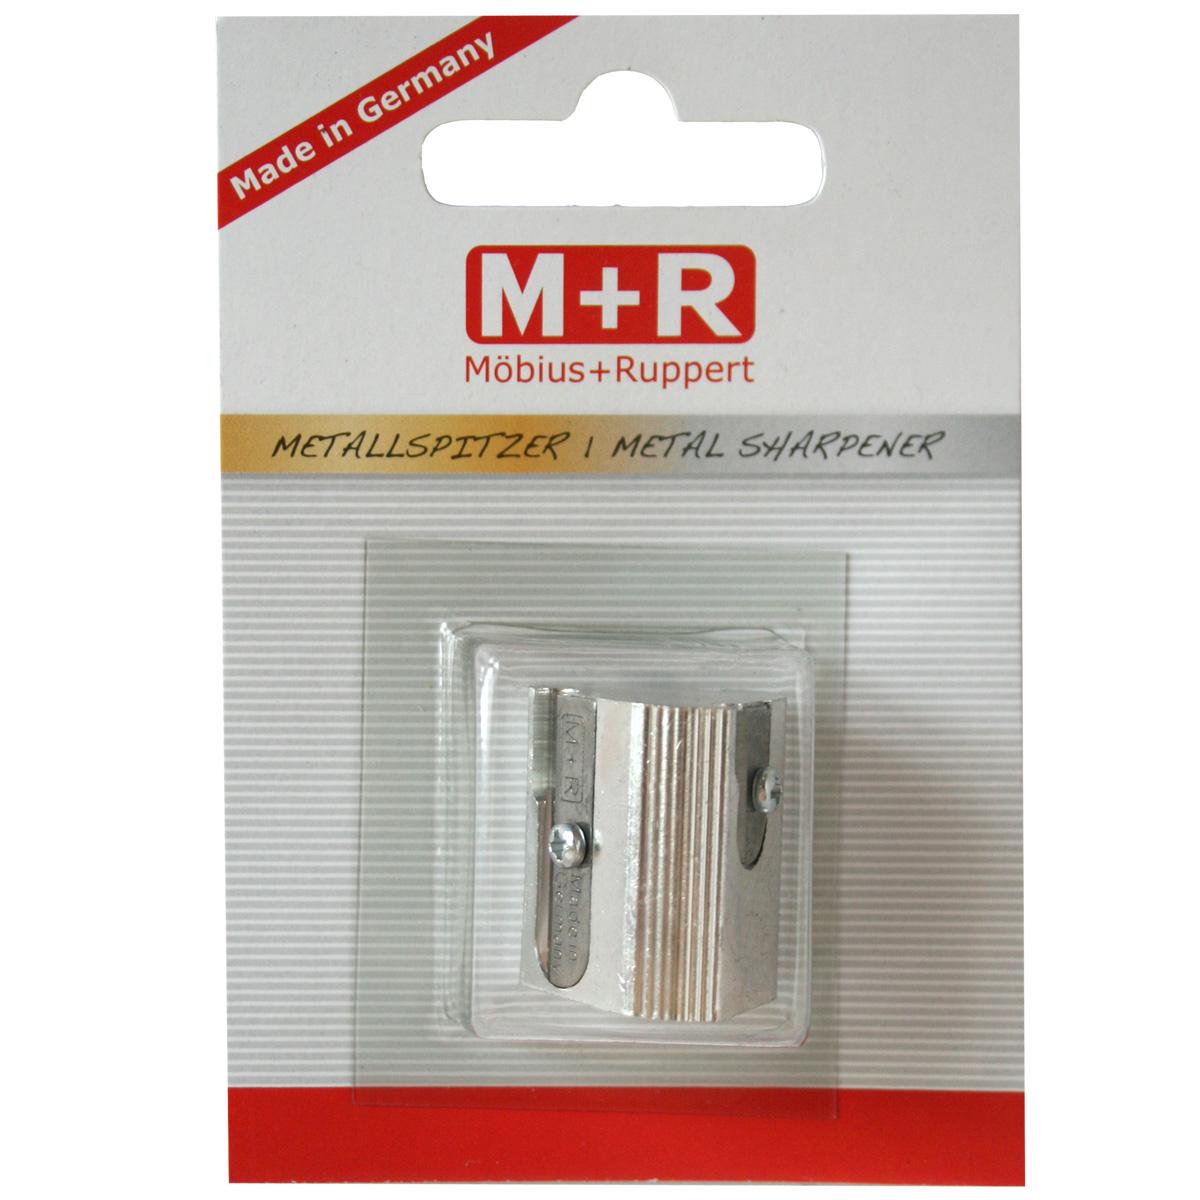 M+R Точилка с тремя отверстиями0207-0002Точилка M+R выполнена из качественного металла.В точилке имеются три отверстия для карандашей стандартного диаметра. Точилка подходит для заточки чернографитных и цветных карандашей. Эргономичная оригинальная форма сделает эту точилку незаменимым аксессуаром среди ваших канцелярских принадлежностей.